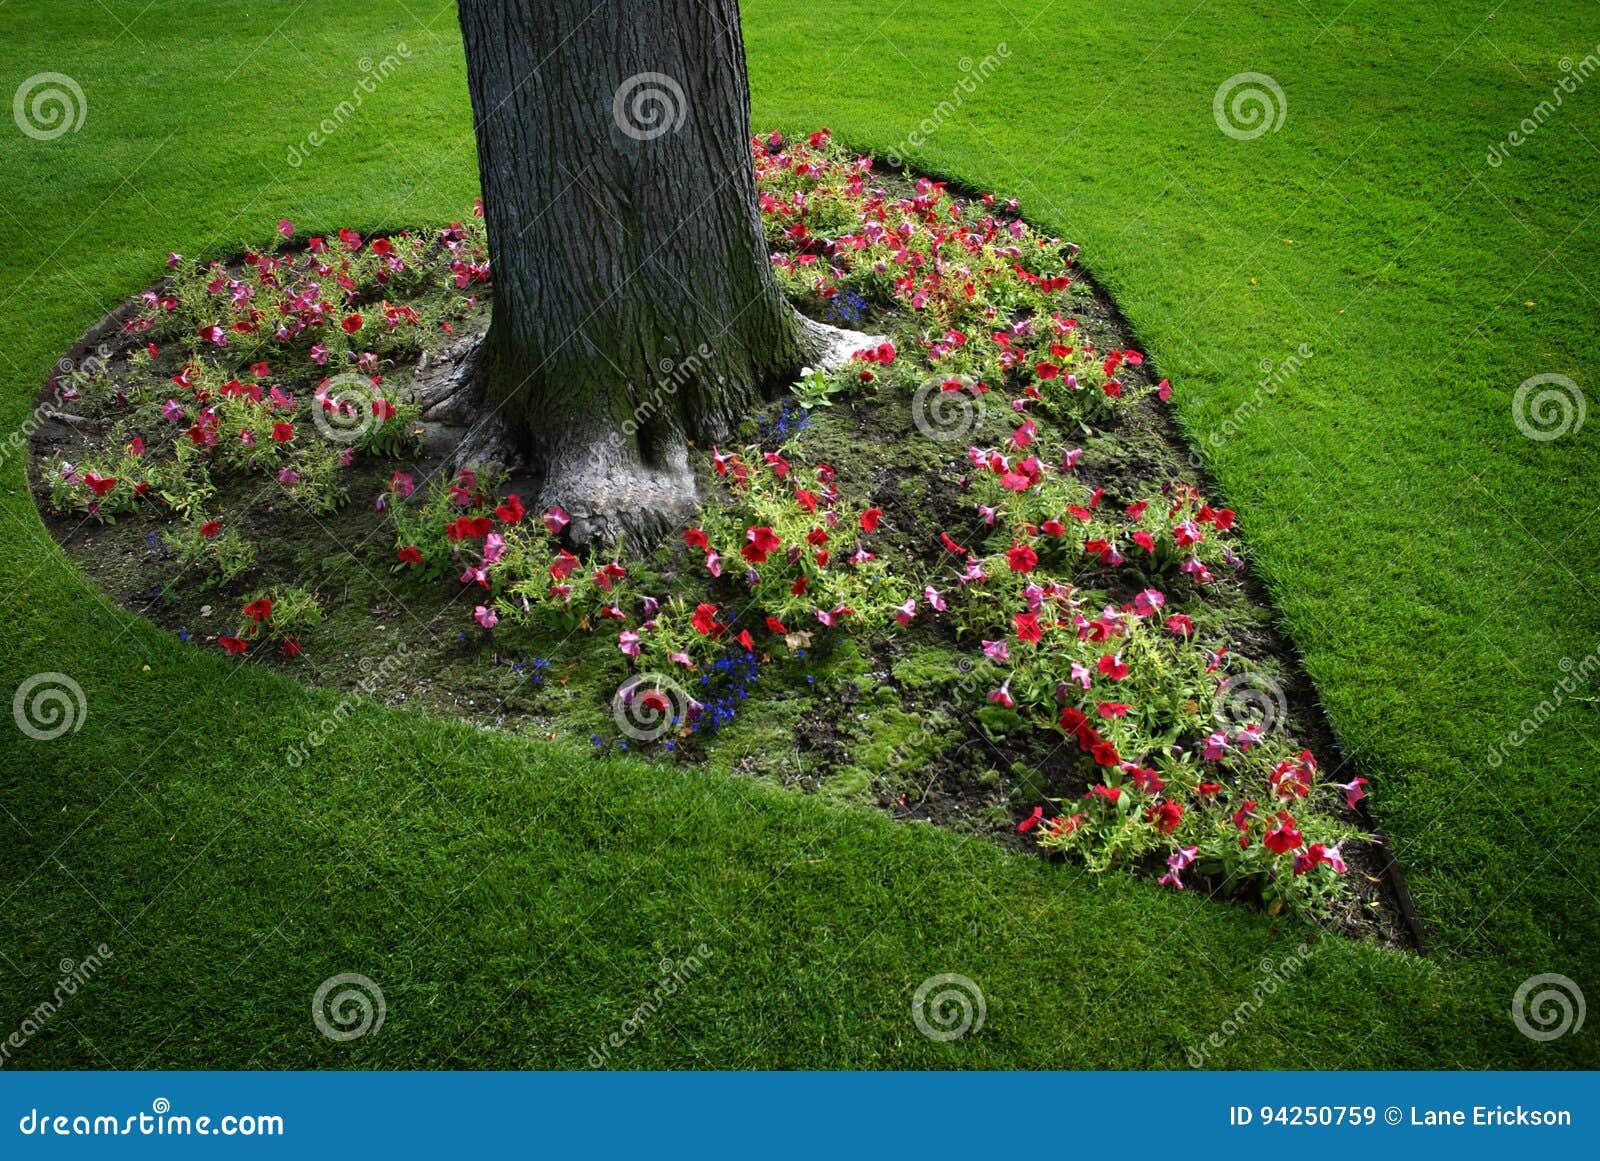 Jardín De Flores En Forma De Corazón Alrededor Del árbol Imagen De